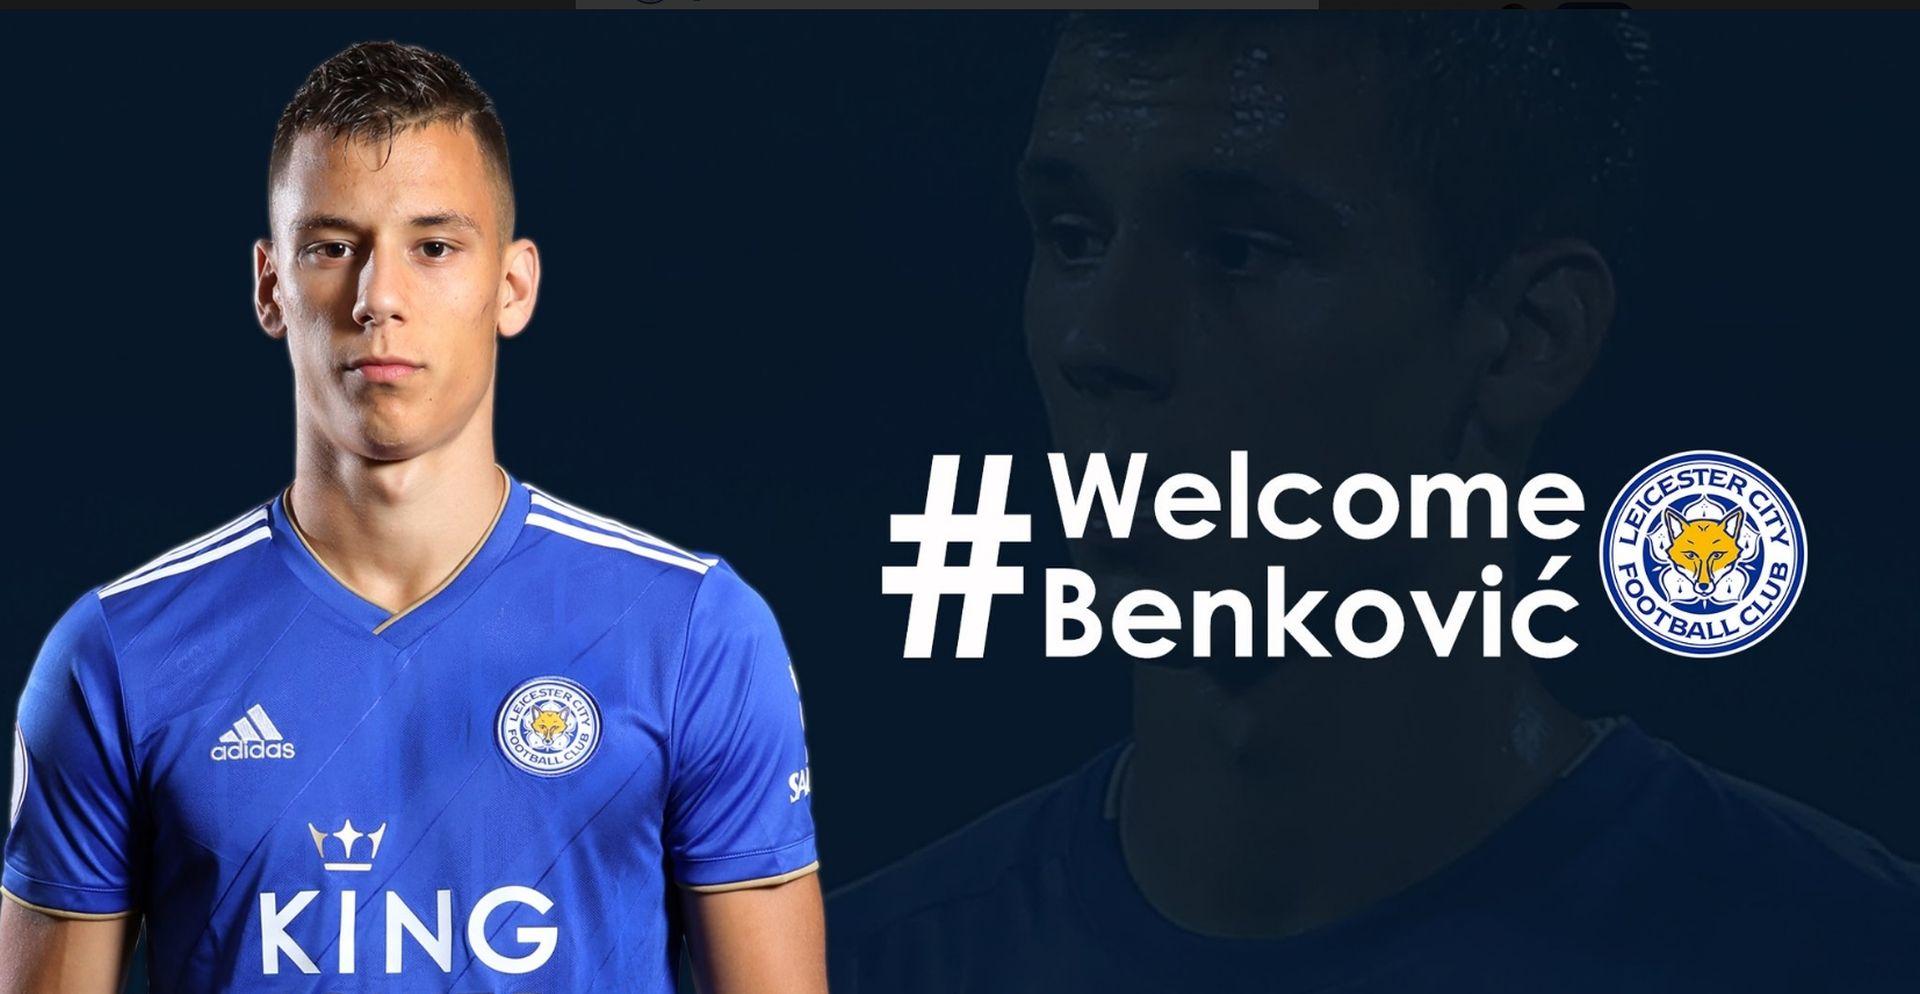 """Benković predstavljen u Leicesteru: """"Dat ću svoje srce za ovaj klub"""""""